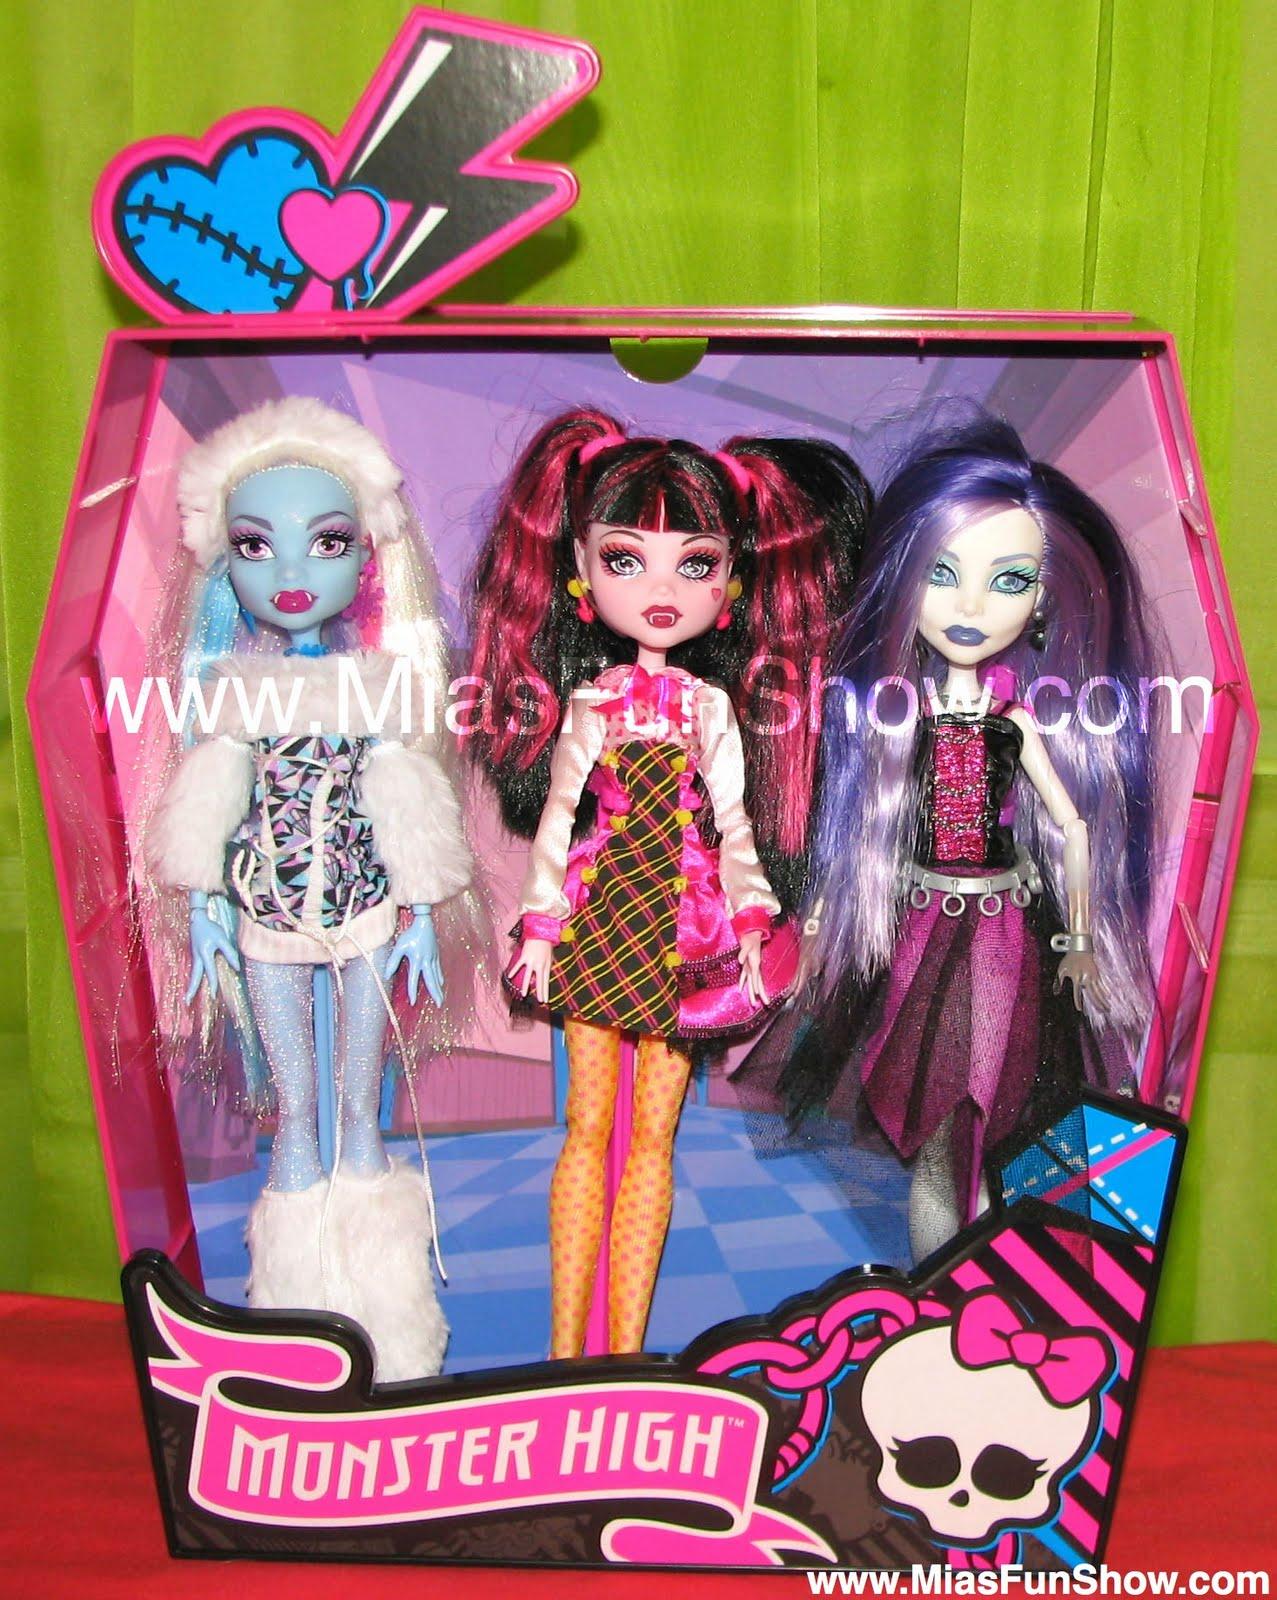 d1bd14733bd8 Sama neviem aká je tohto cena ale podľa mňa sa pohybuje od 50 do 100 eur .  Ešte som zabudla povedať že bábiky pri sebe nemajú žiadne doplnky čo je  veľká ...